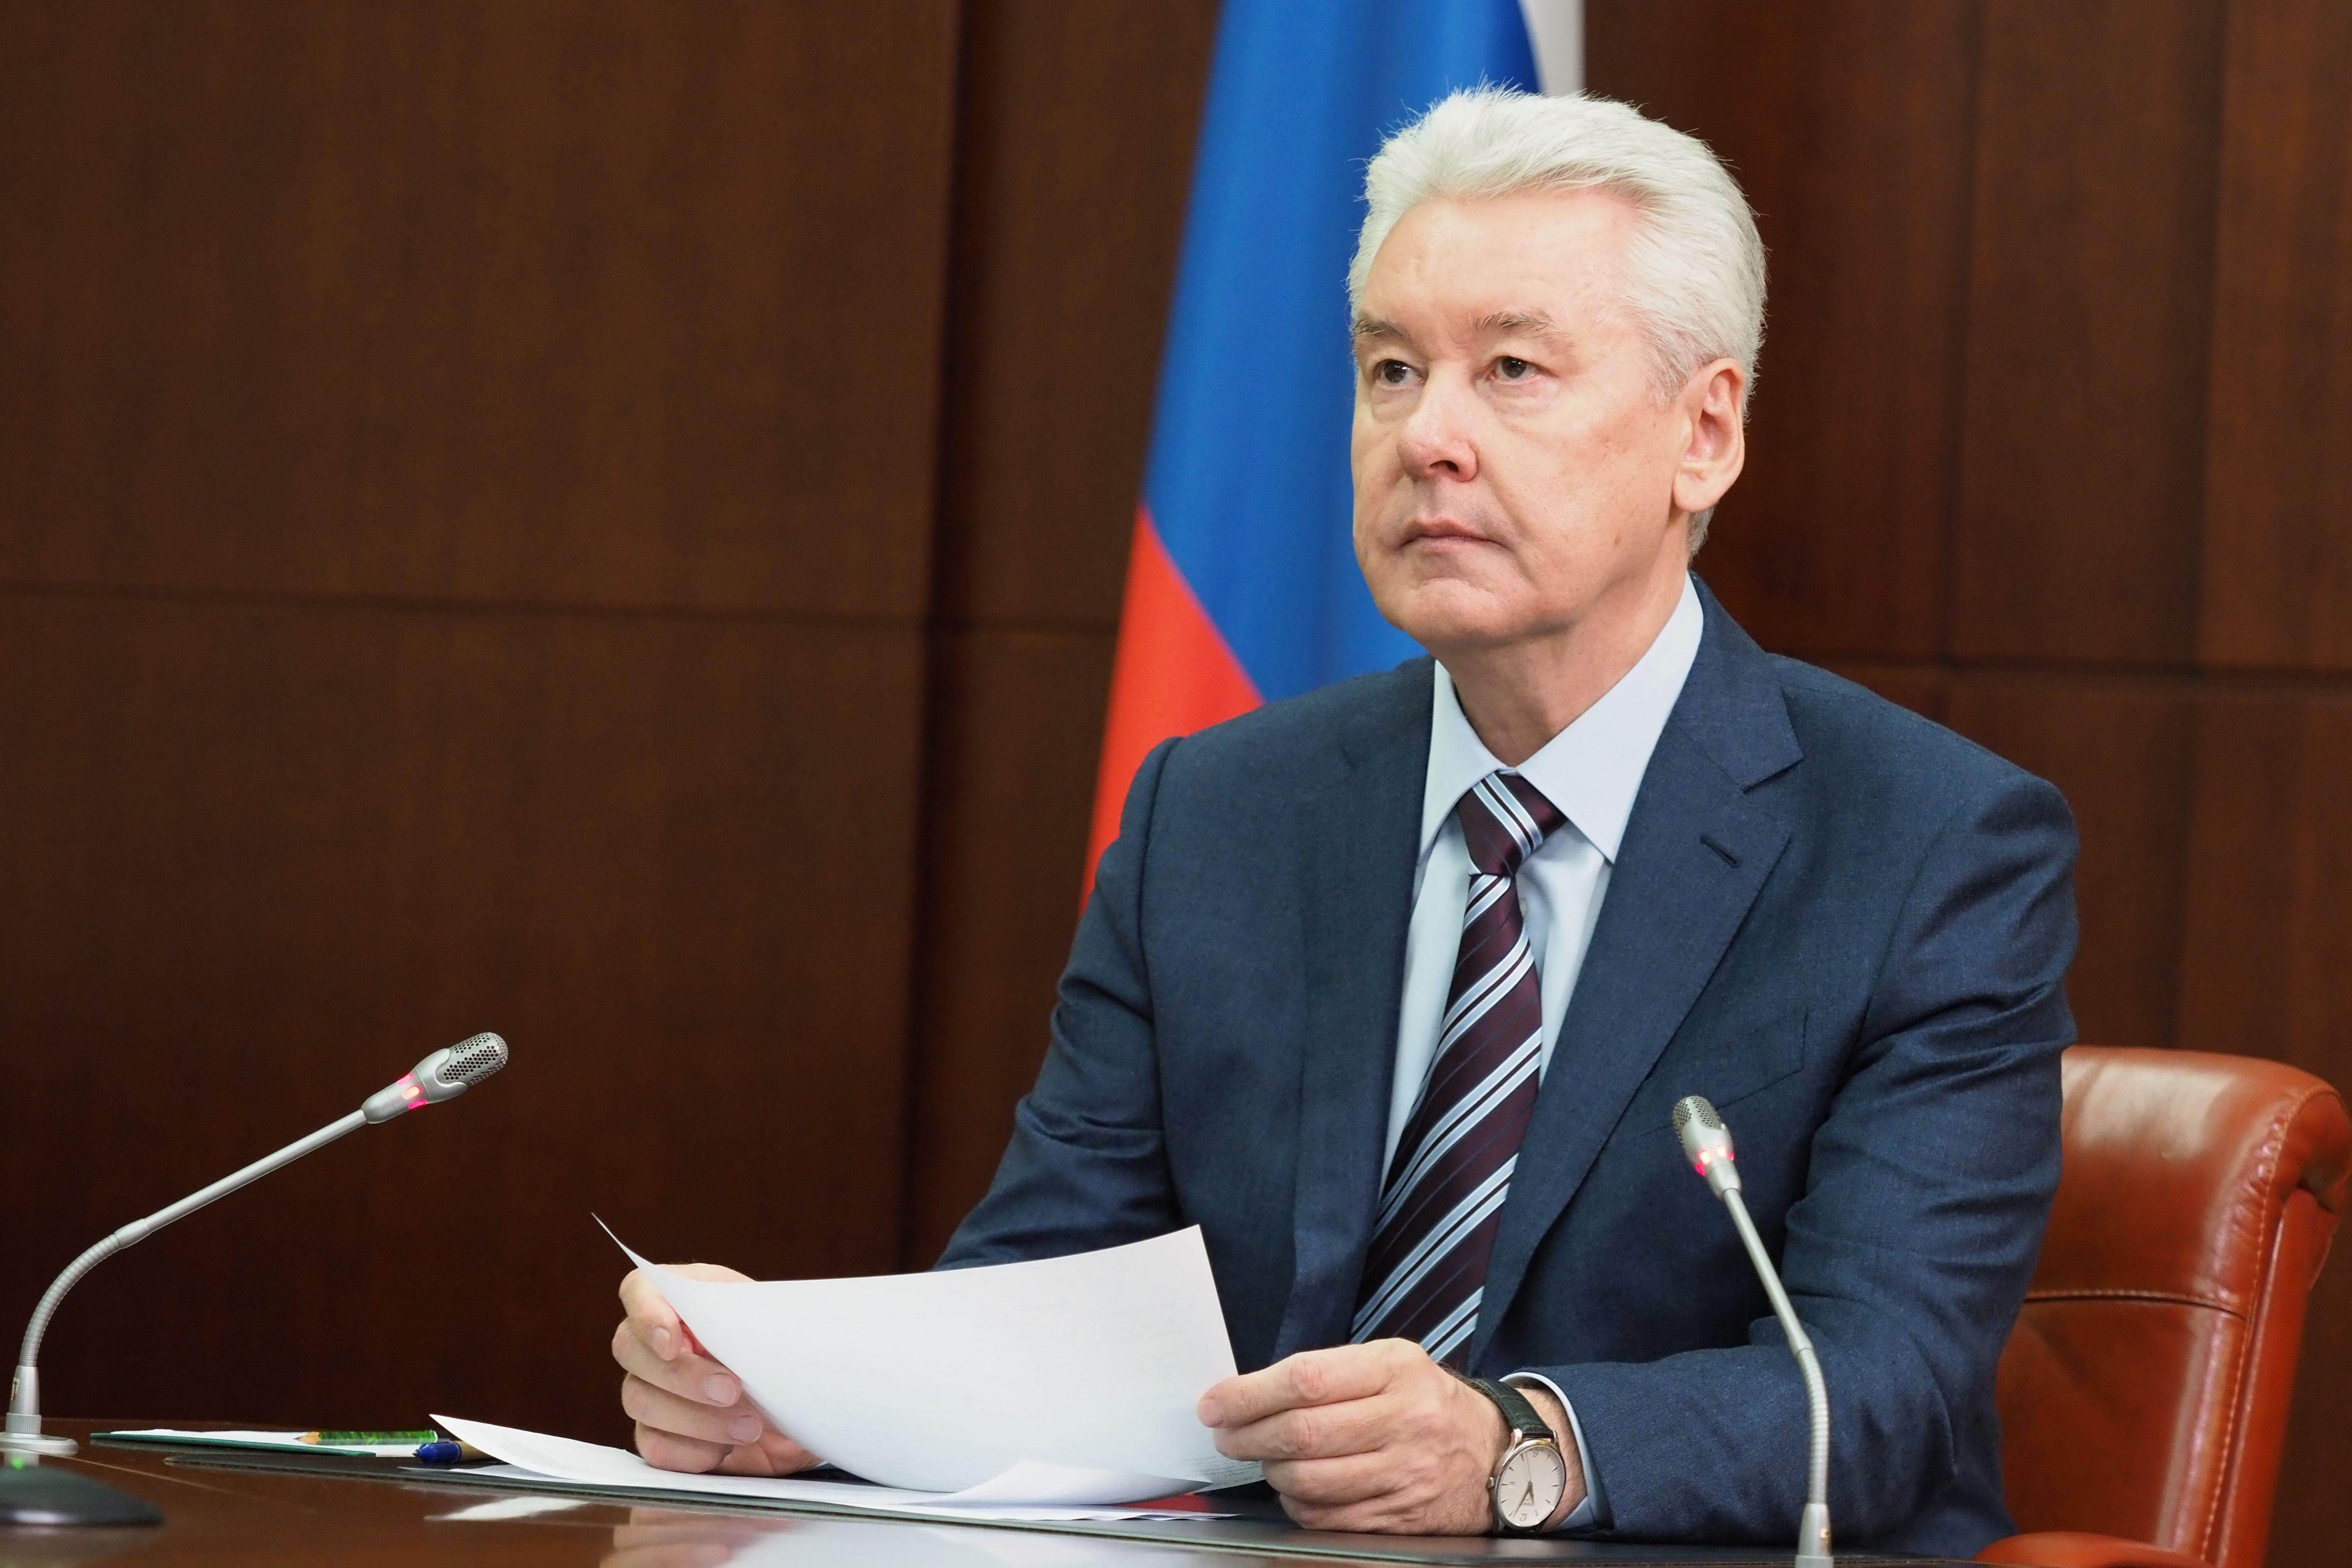 Сергей Собянин продлил ограничения в Москве до 11 мая